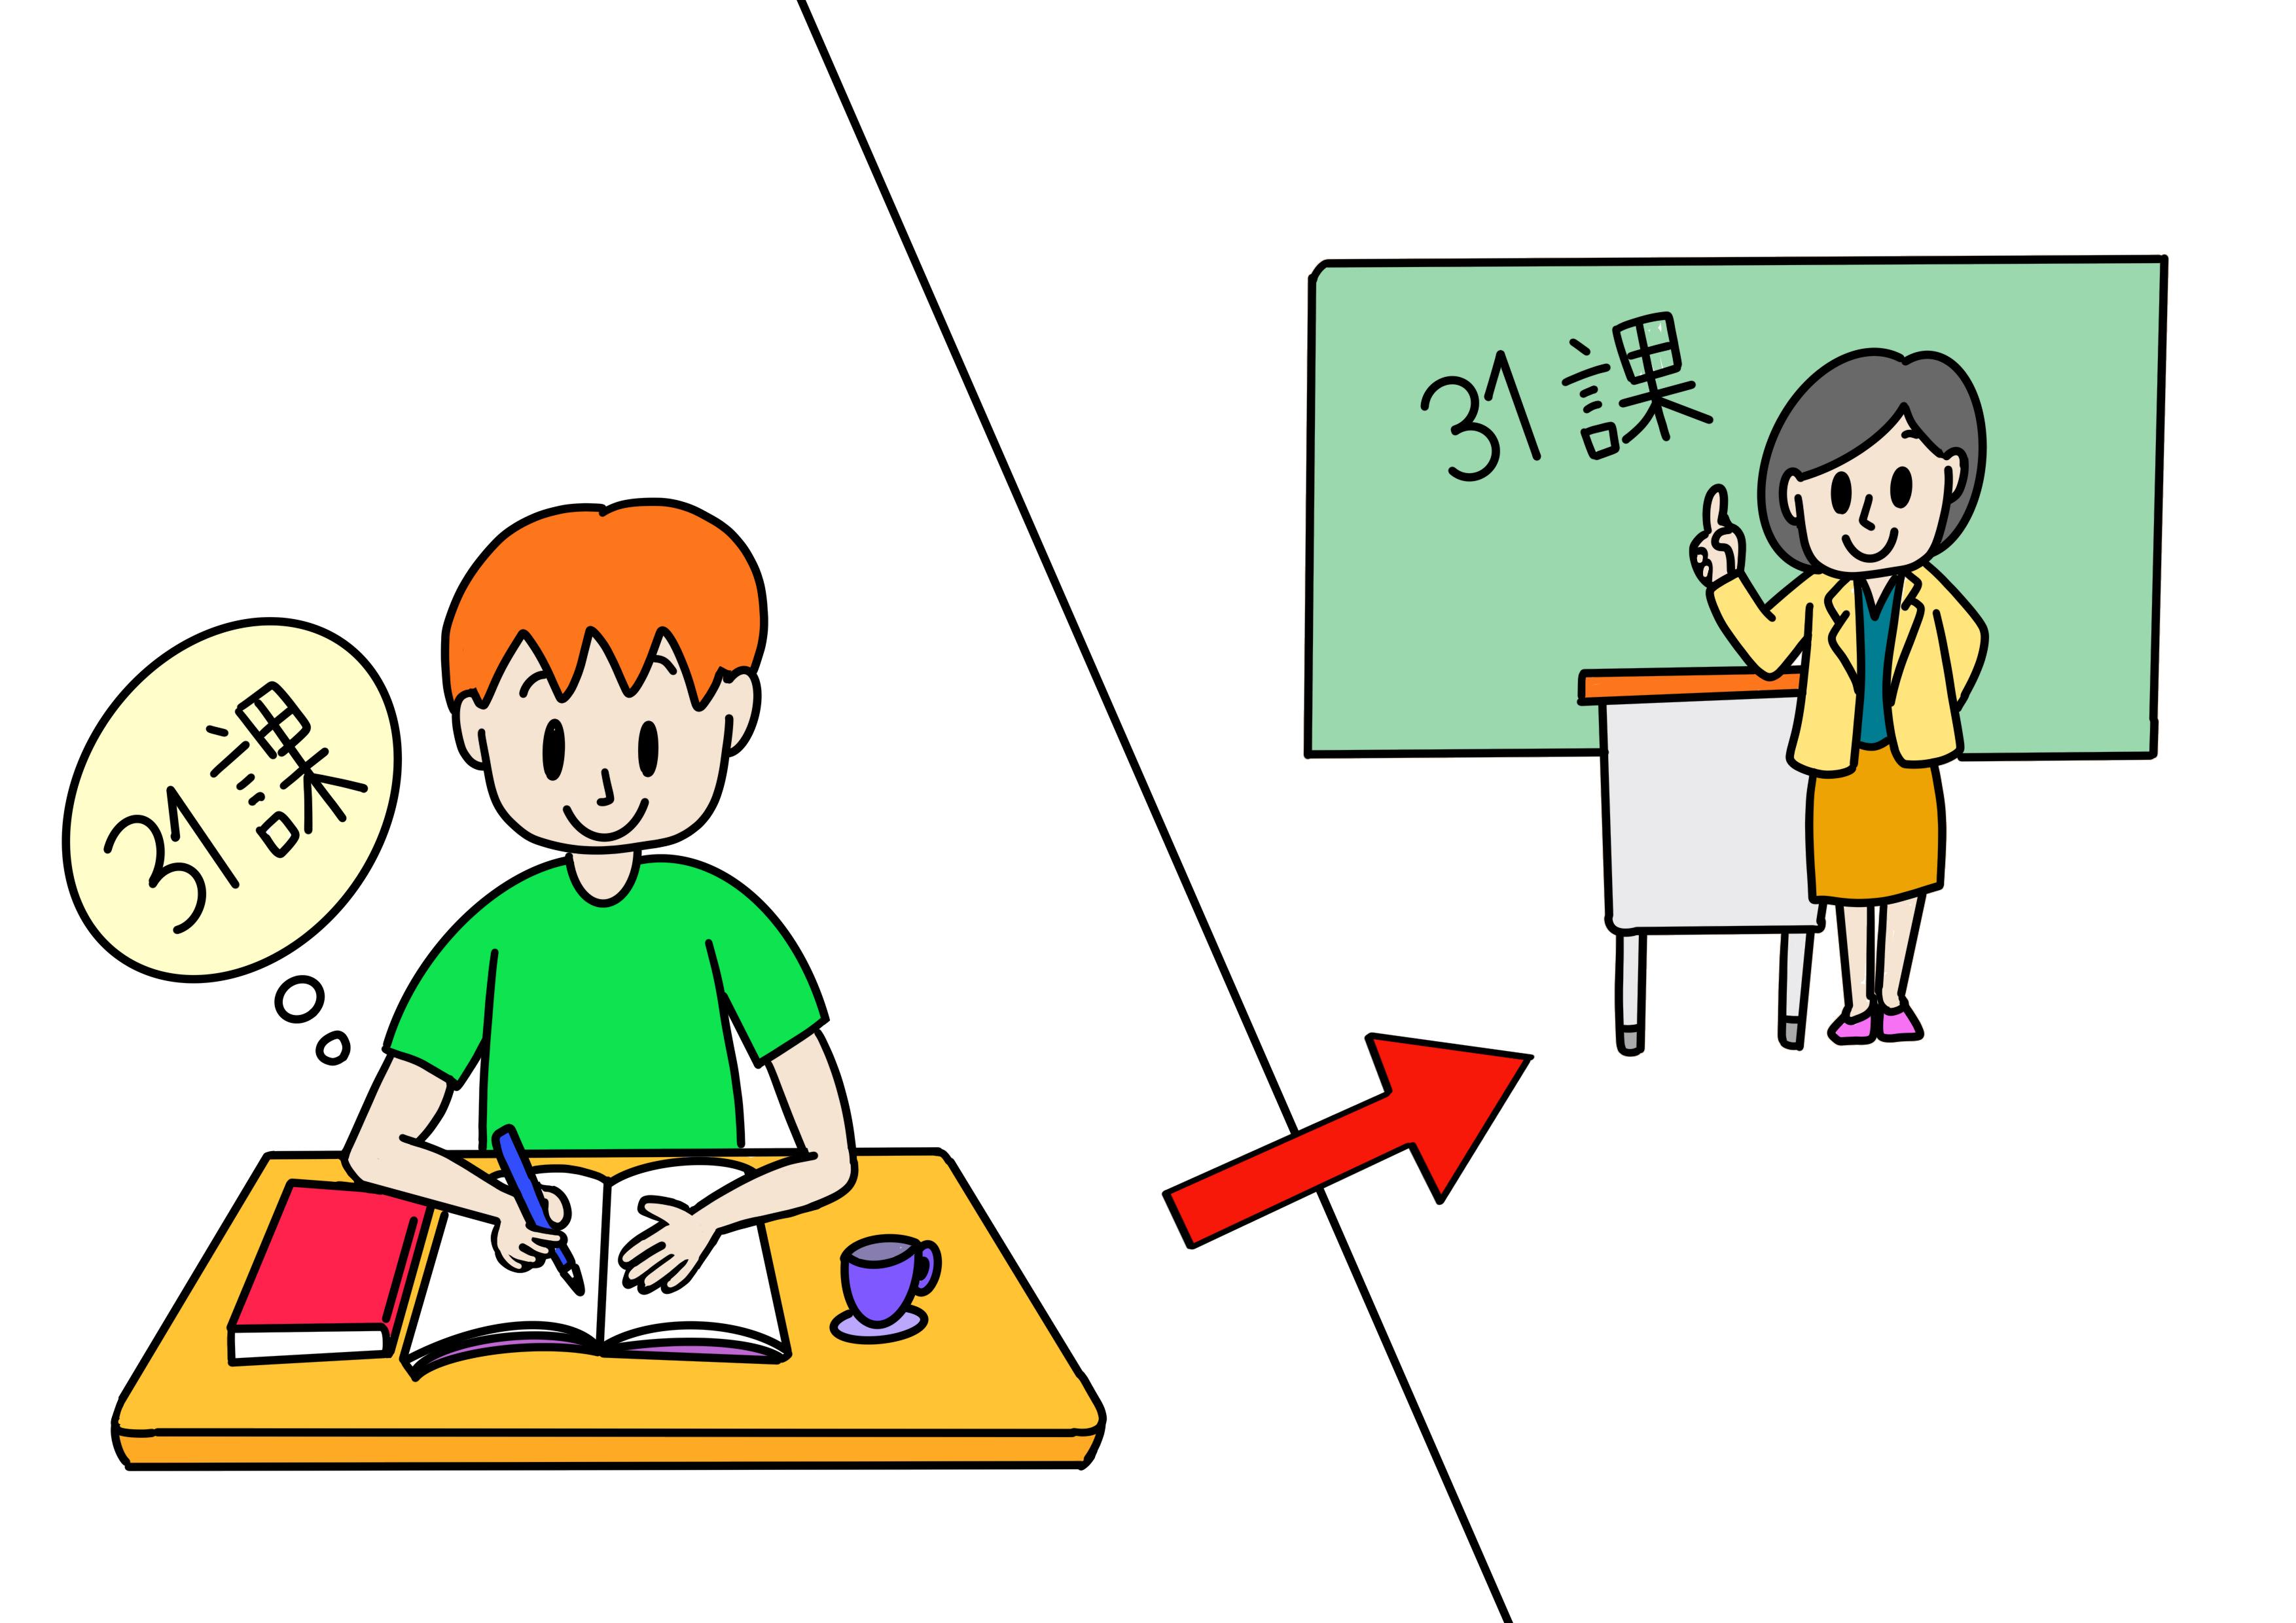 30課イラスト【予習】